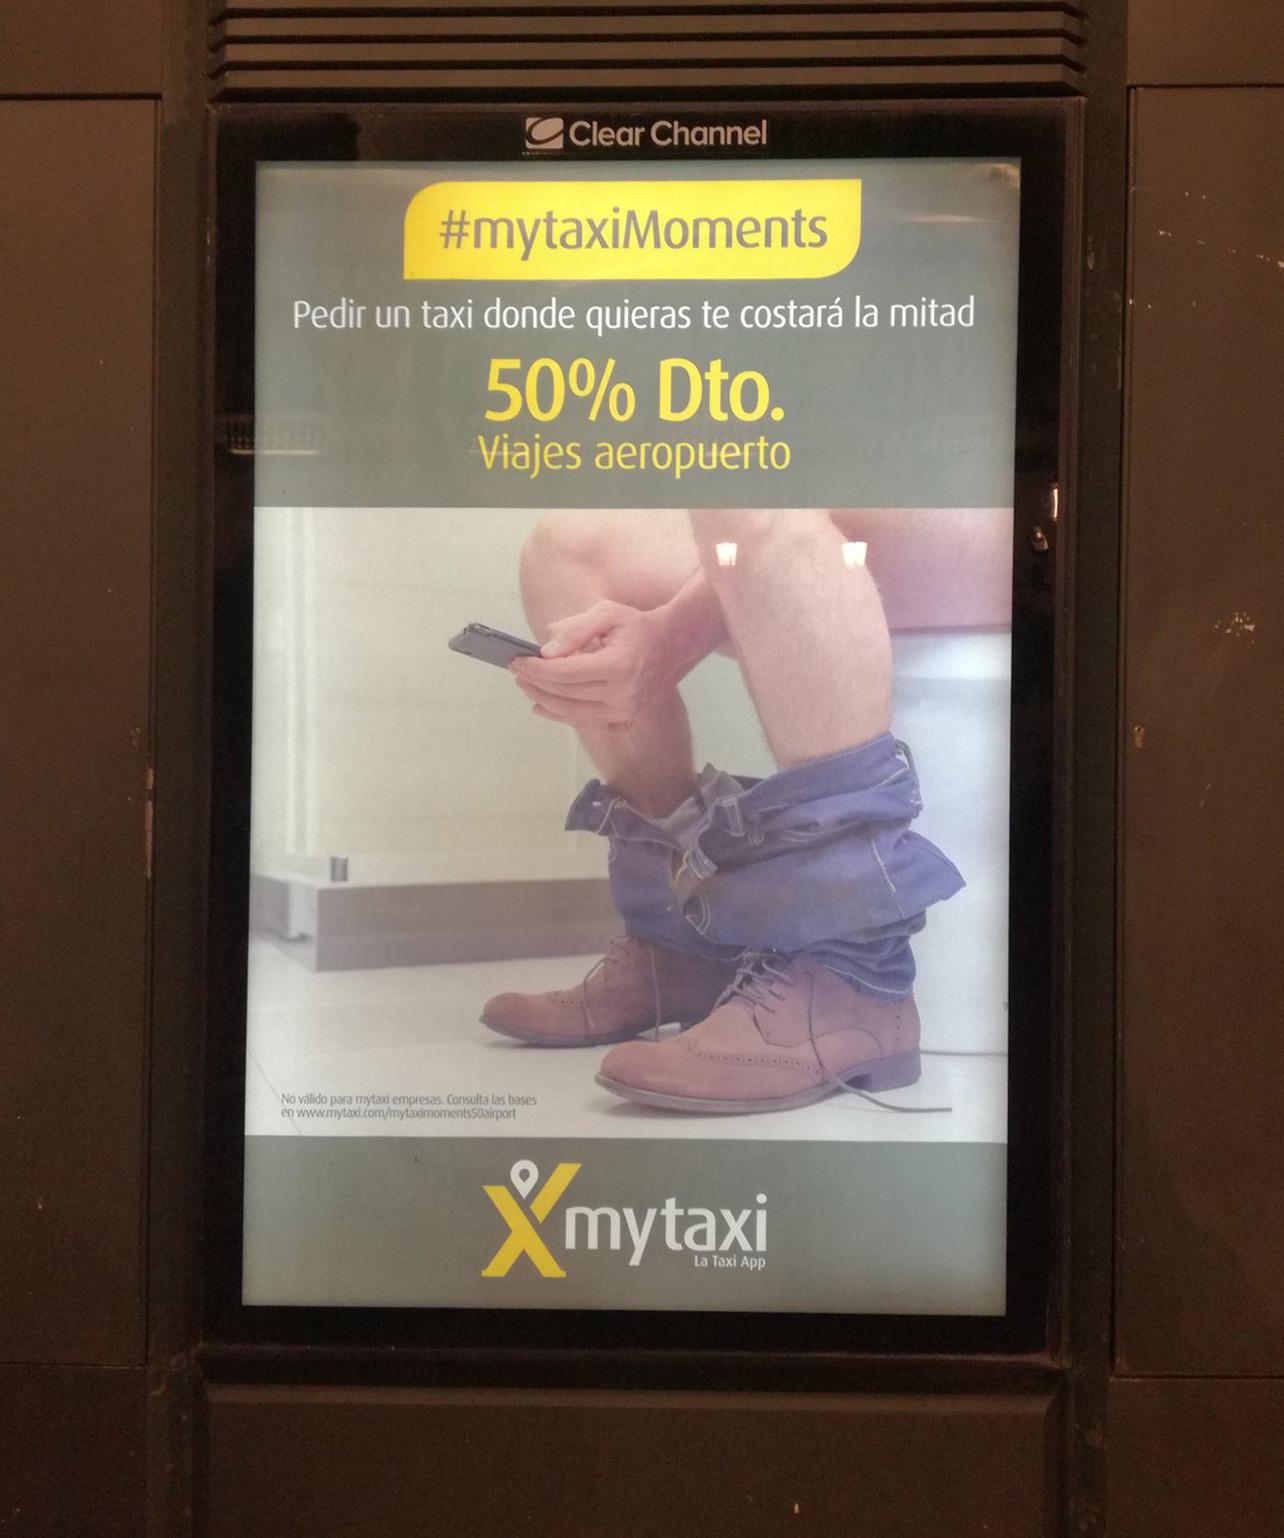 Gráfica de MyTaxi en la que se ve parcialmente a un hombre sentado en un inodoro con los pantalones bajados y escribiendo en el móvil.